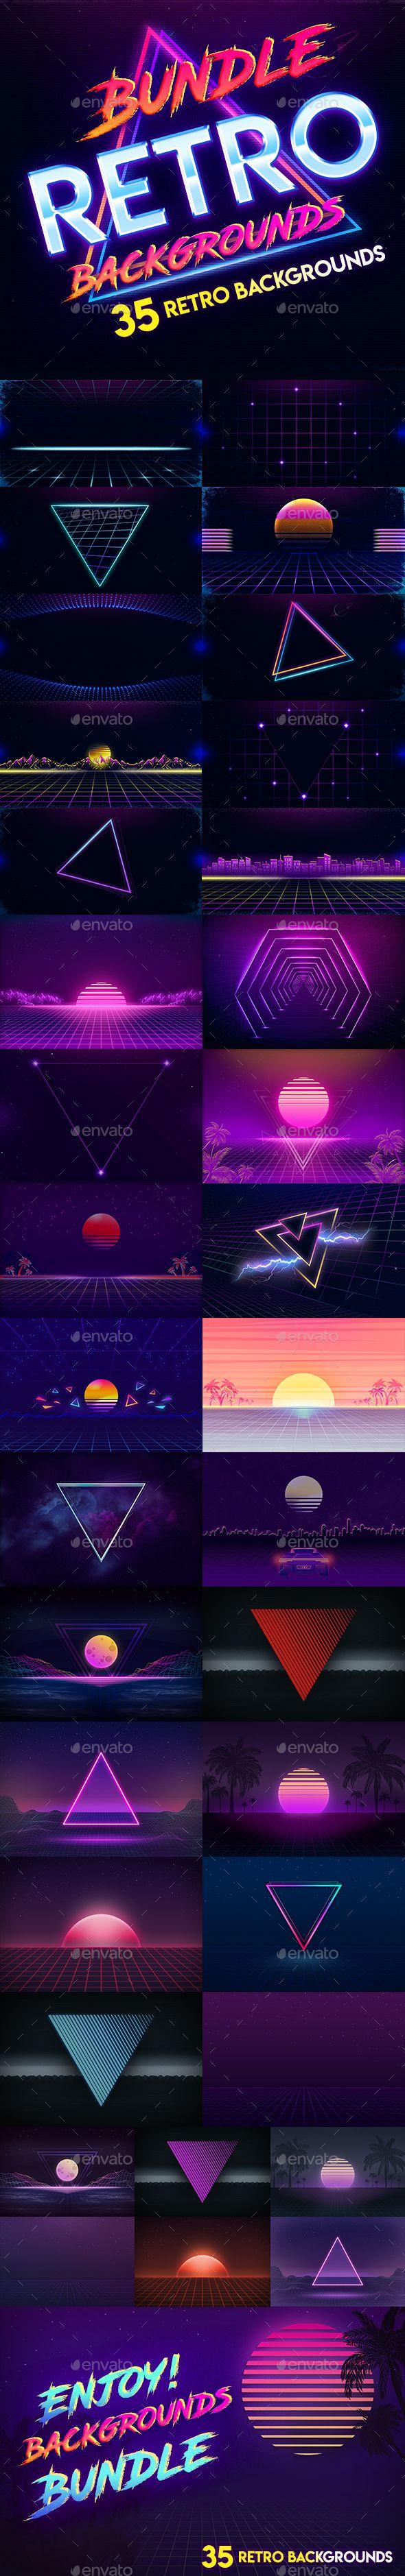 Bundle 80s Retro Backgrounds en 2020